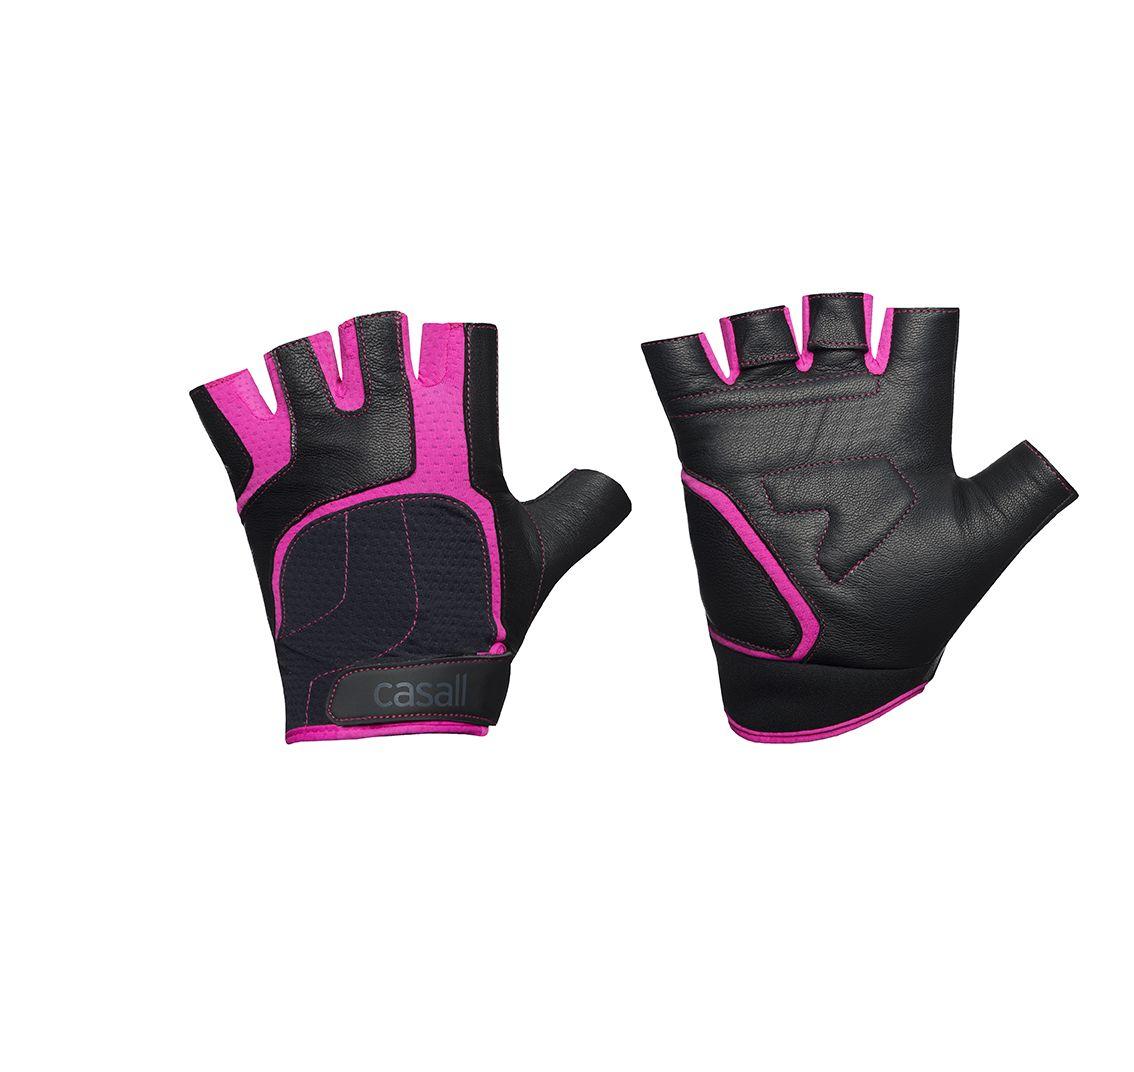 exercise glove wmns, blackpink, xs, casall – casall